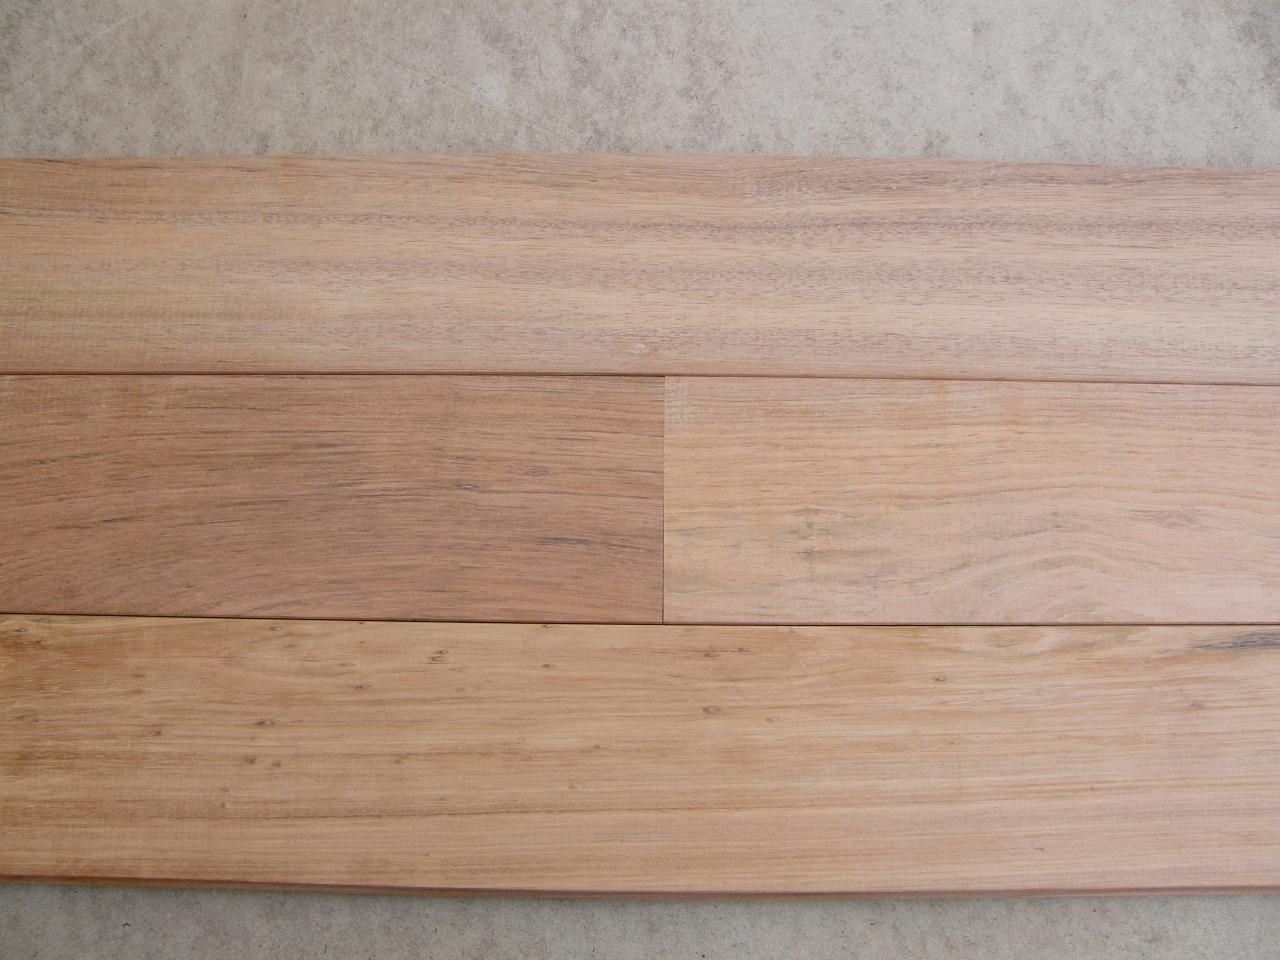 Houten Vloer Licht Maken : Vloerplanken jatoba vloerdelen breed